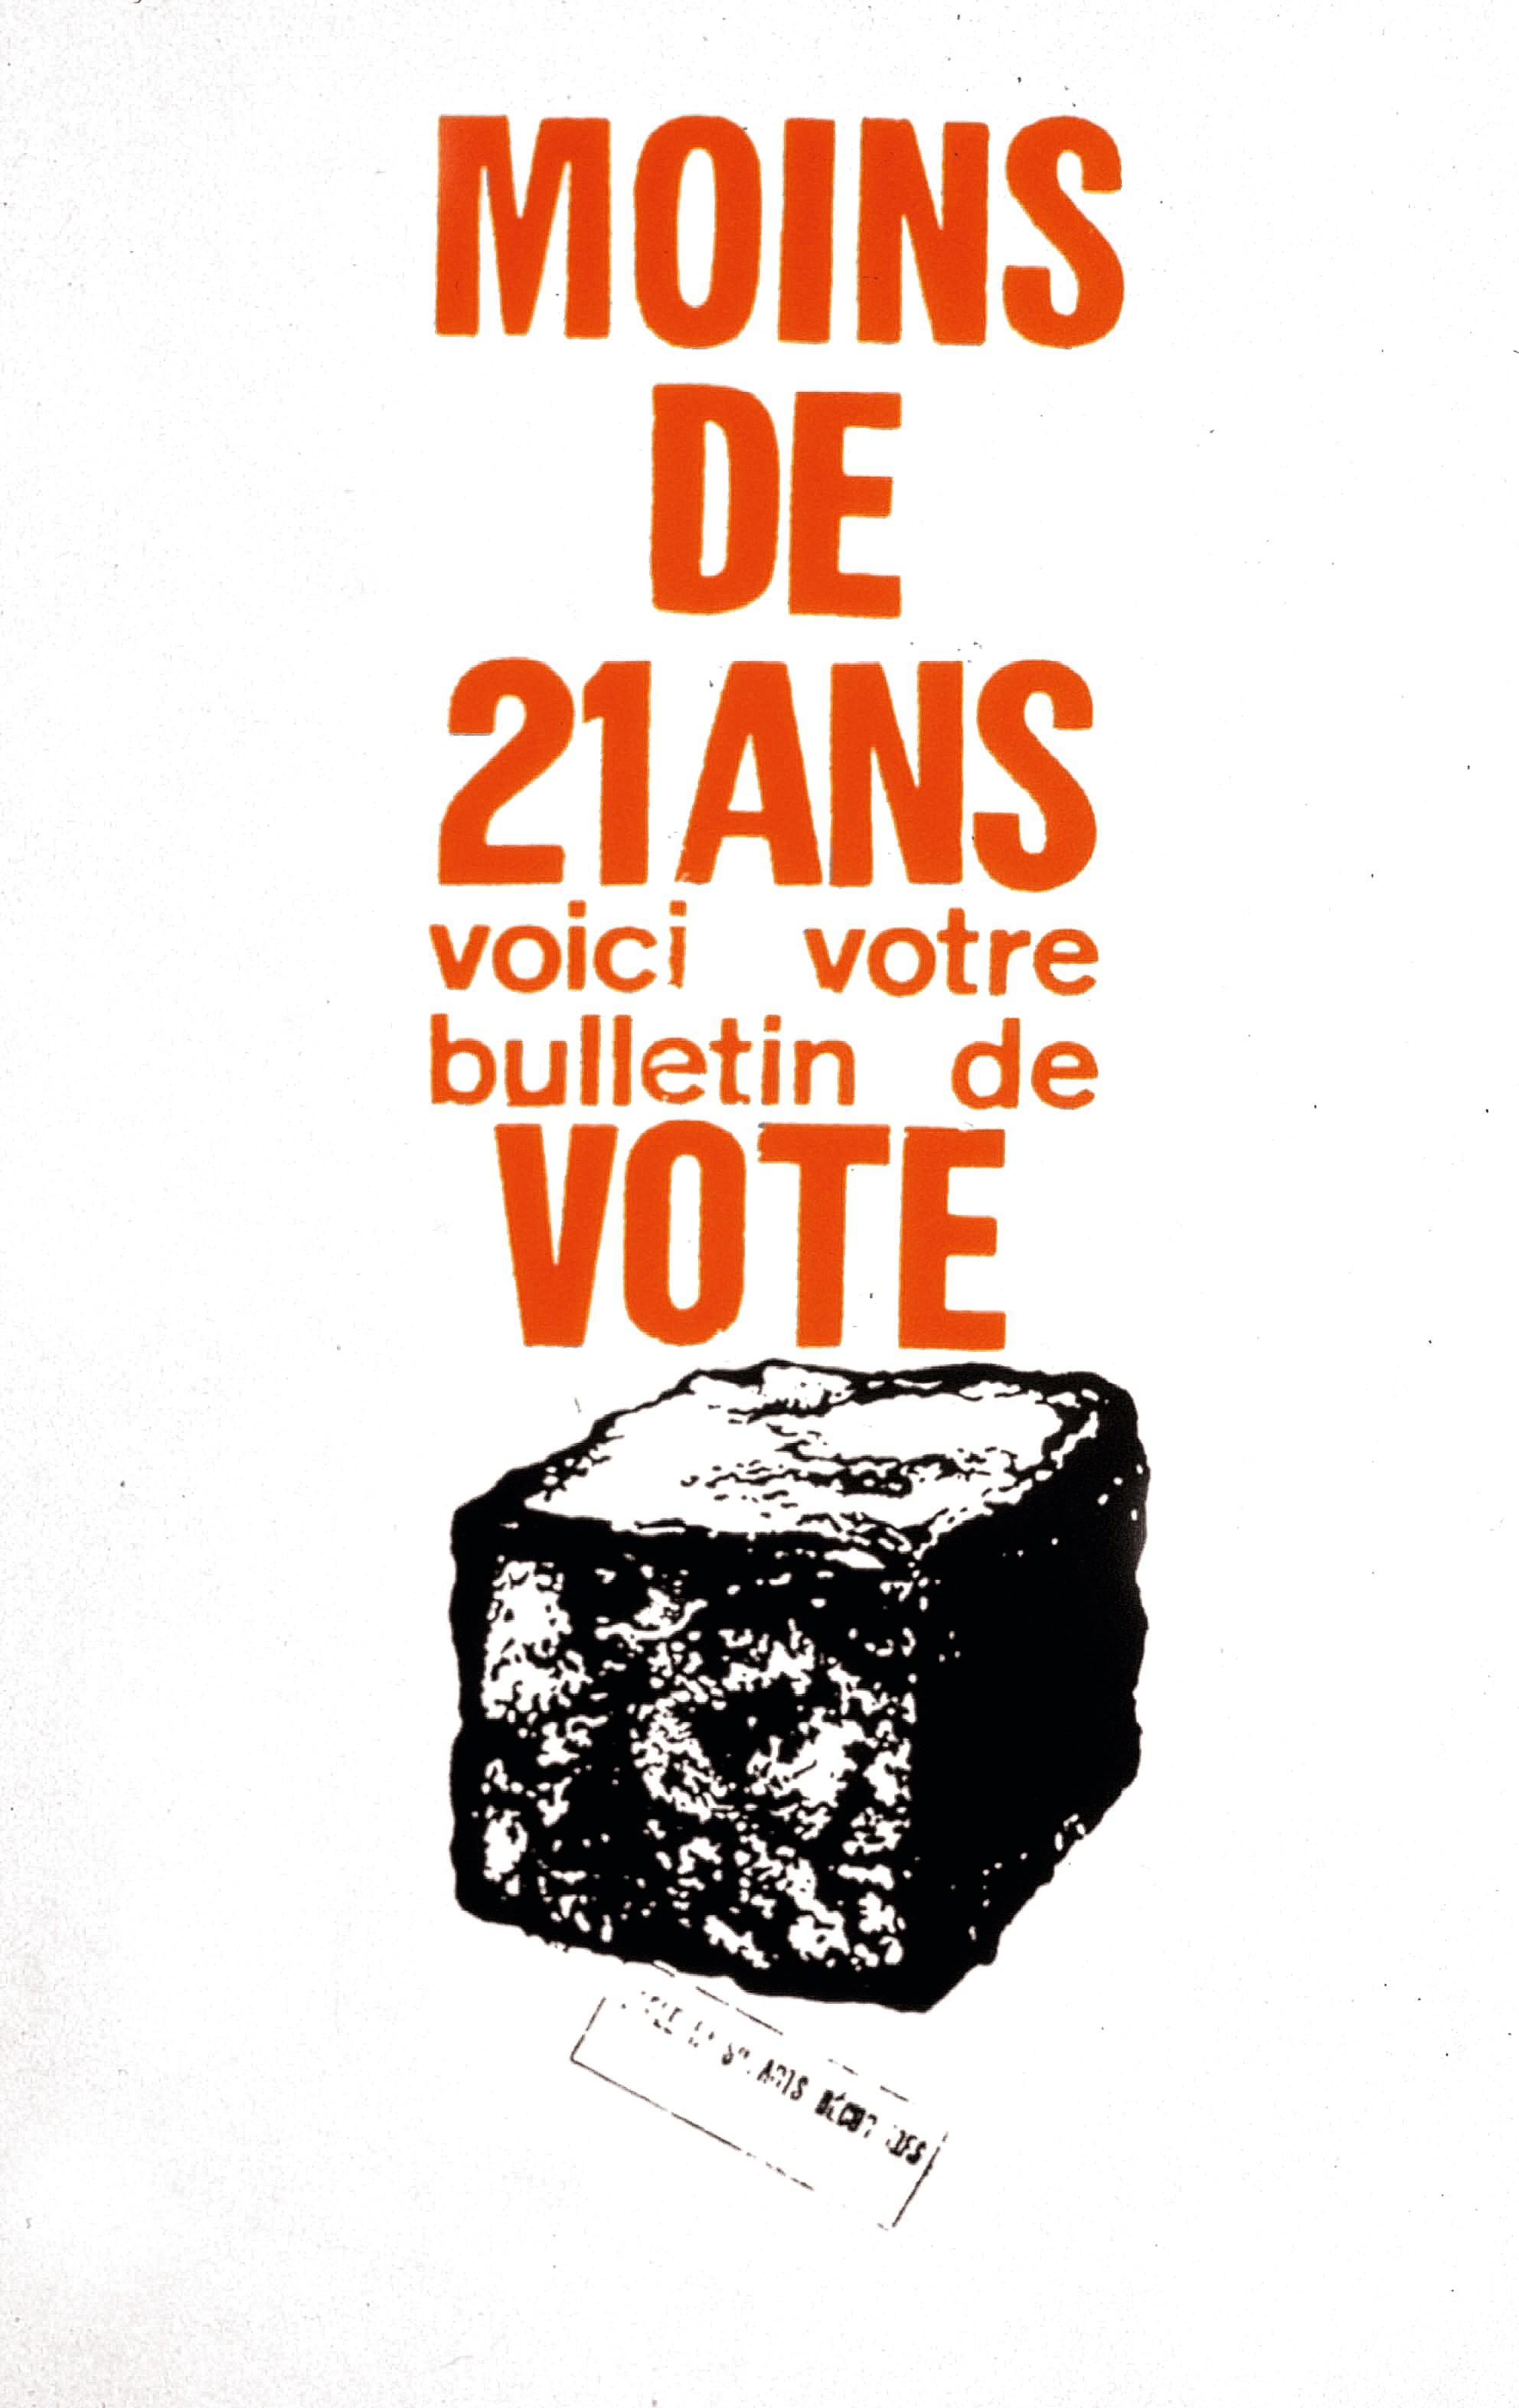 Affiche de Mai 68 appelant à la révolte les moins de vingt-et-un ans, qui n'avaient pas le droit de vote.